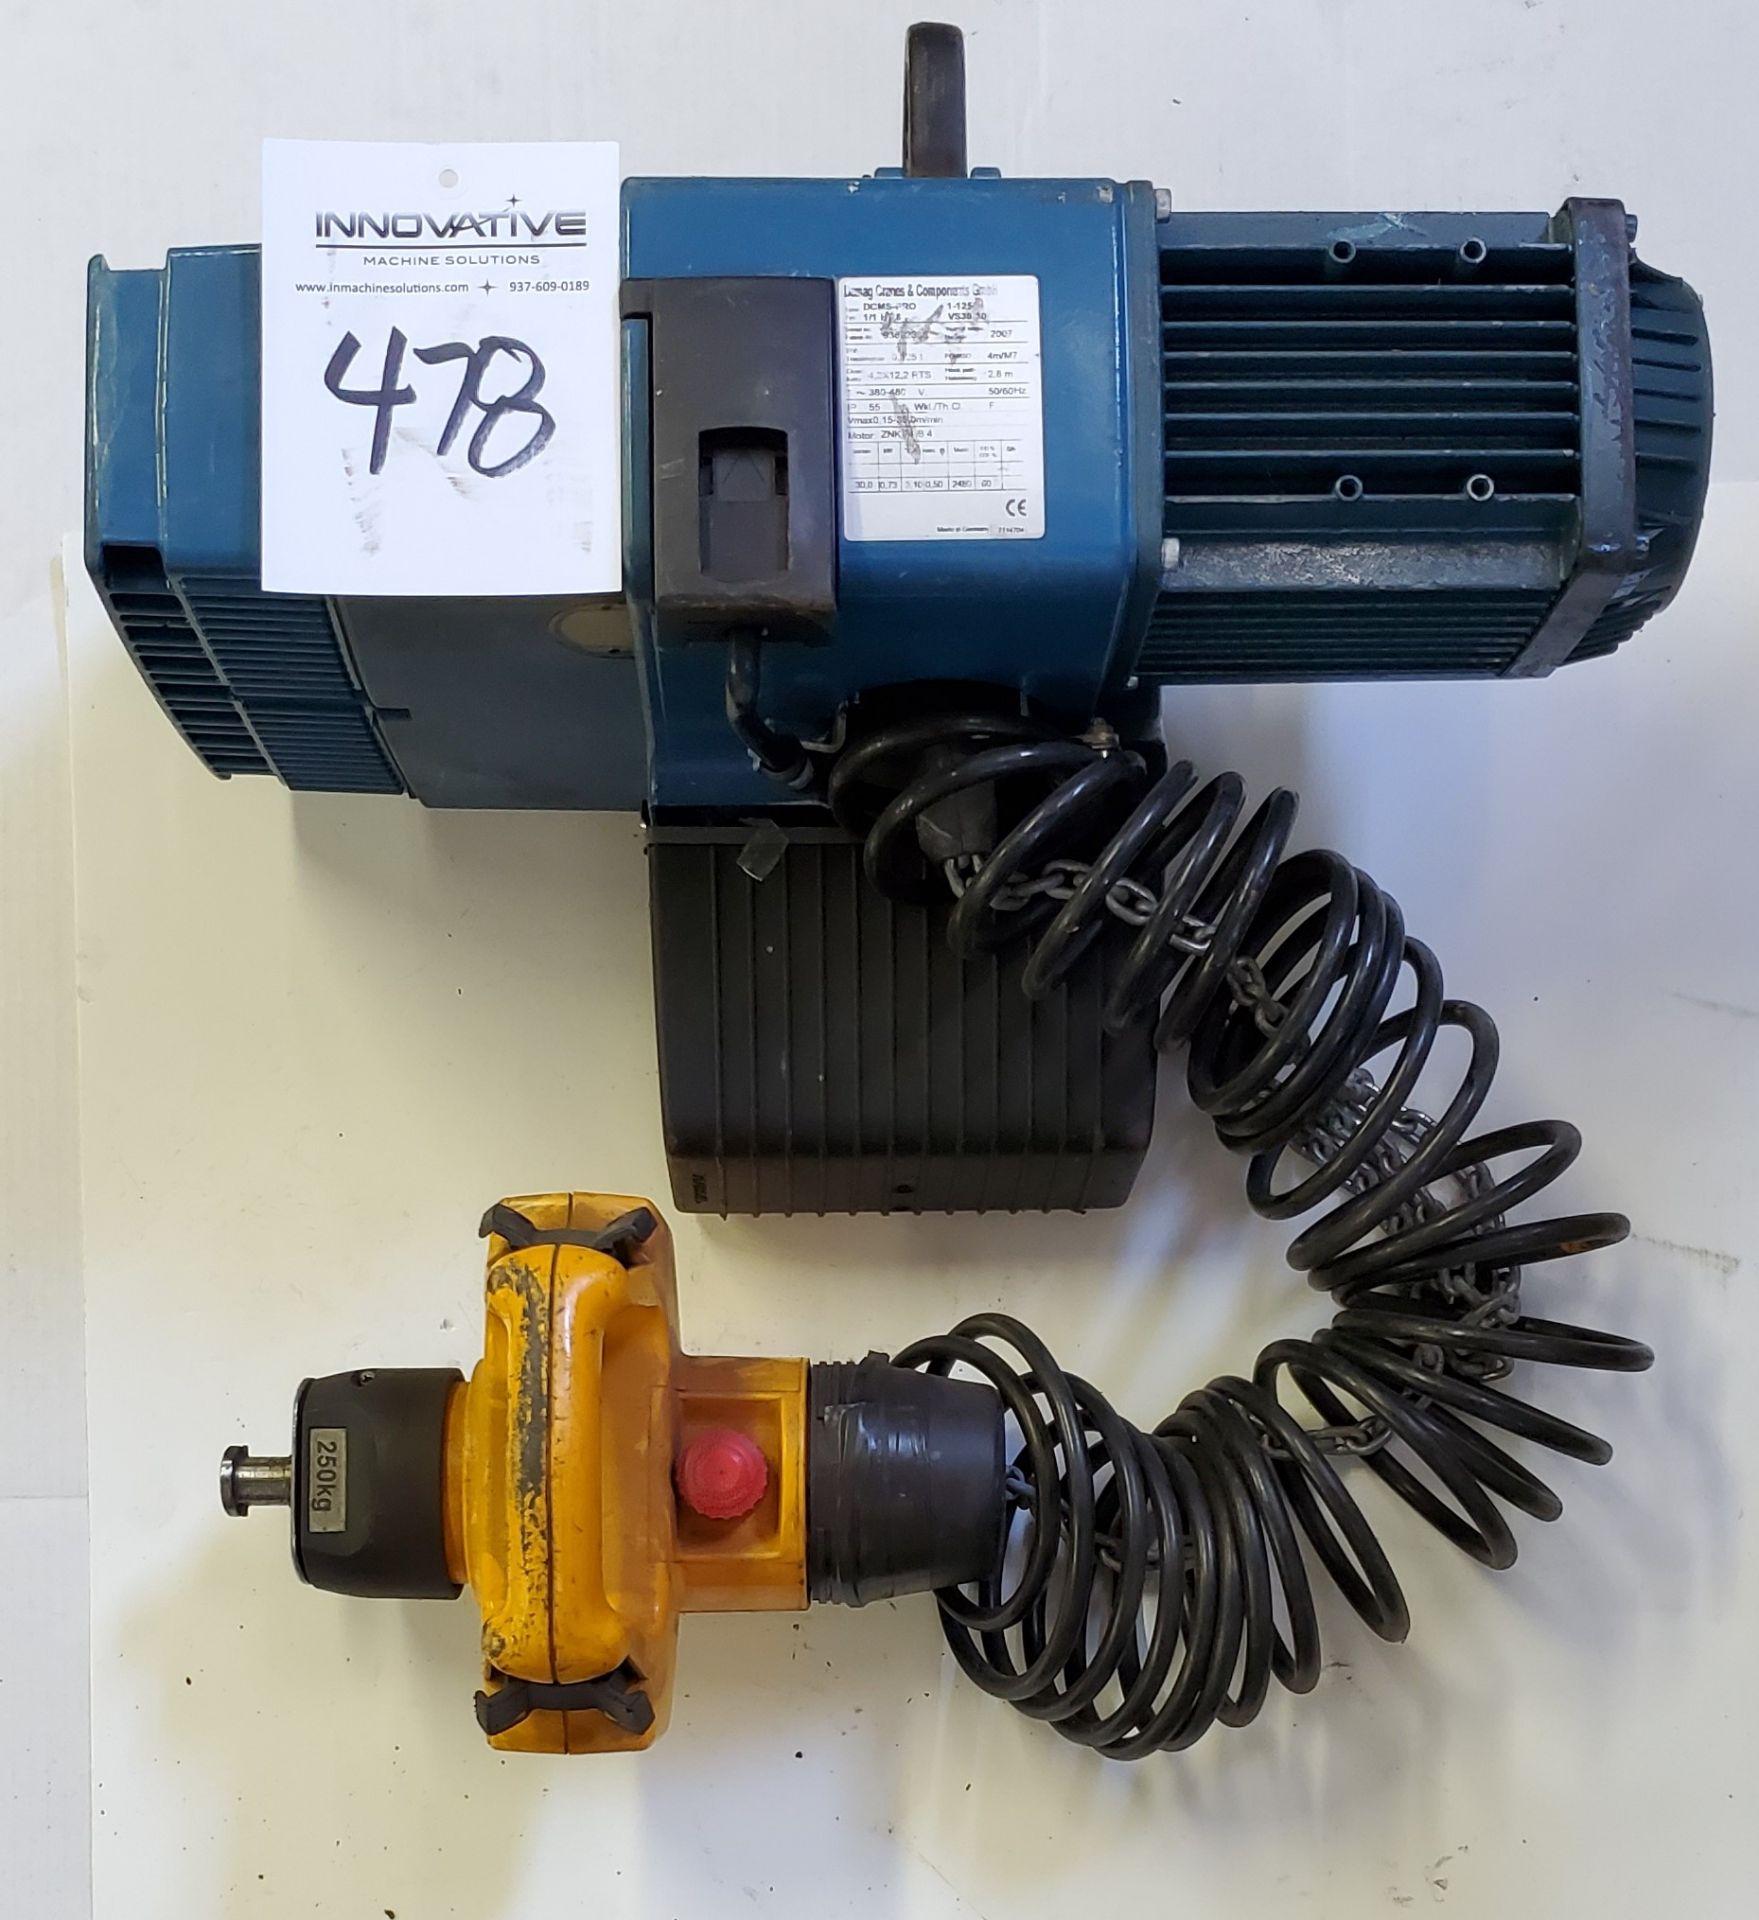 Lot 478 - Demag Pro Manulift with DSM-CS Control 125 kg, 3 phase, 380/480 v